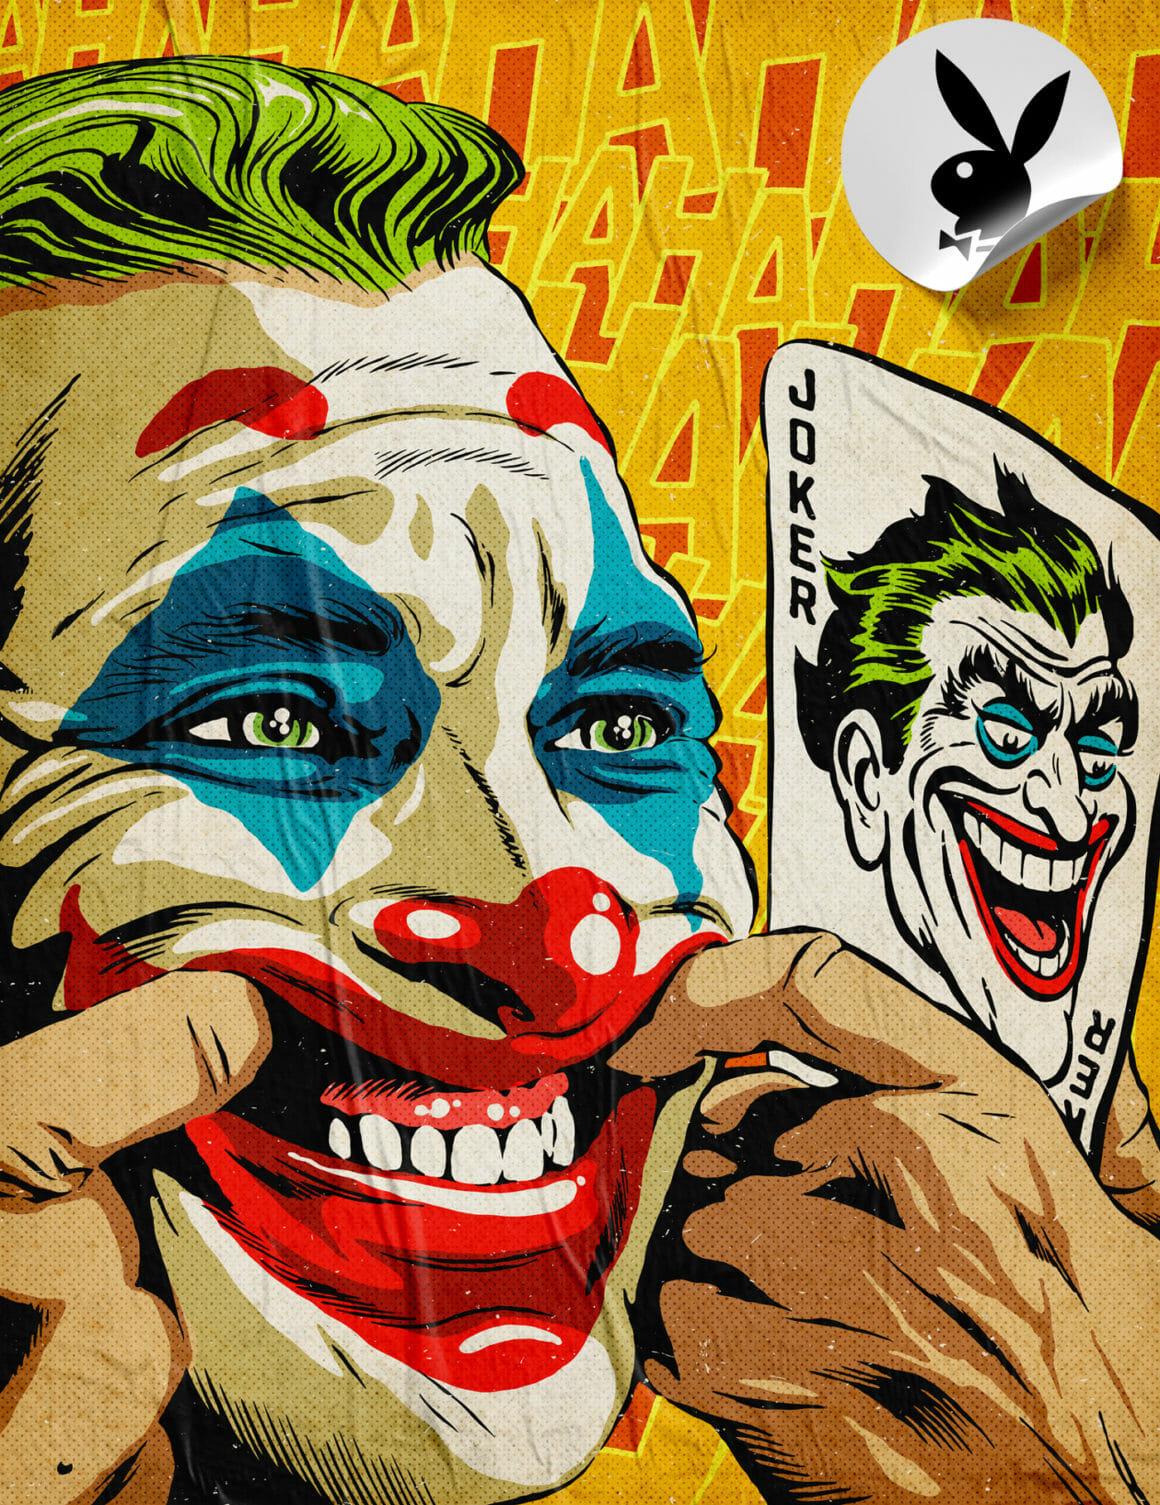 Illustration colorée d'un clown maquillé qui fait la grimace pour exagérer son sourire et imiter le Joker.